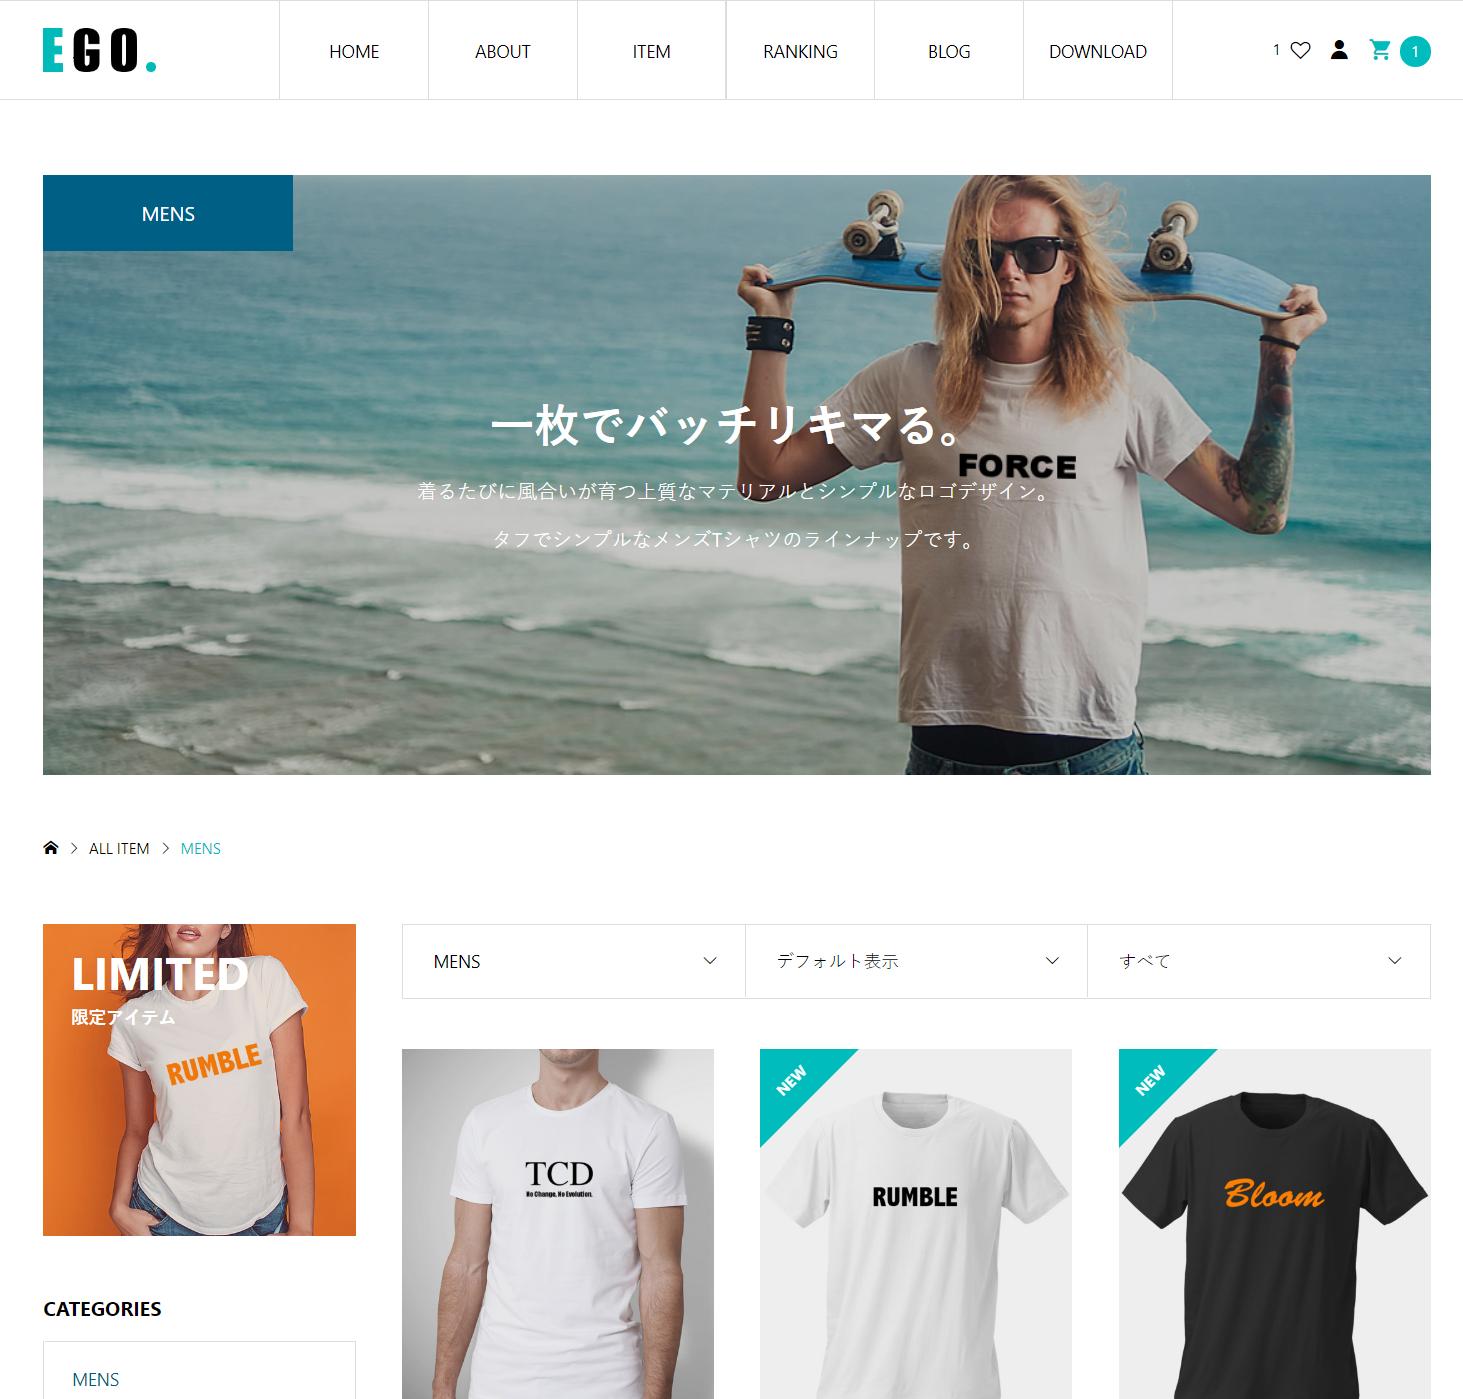 Woocommerce対応のテーマ「EGO」のデザイン